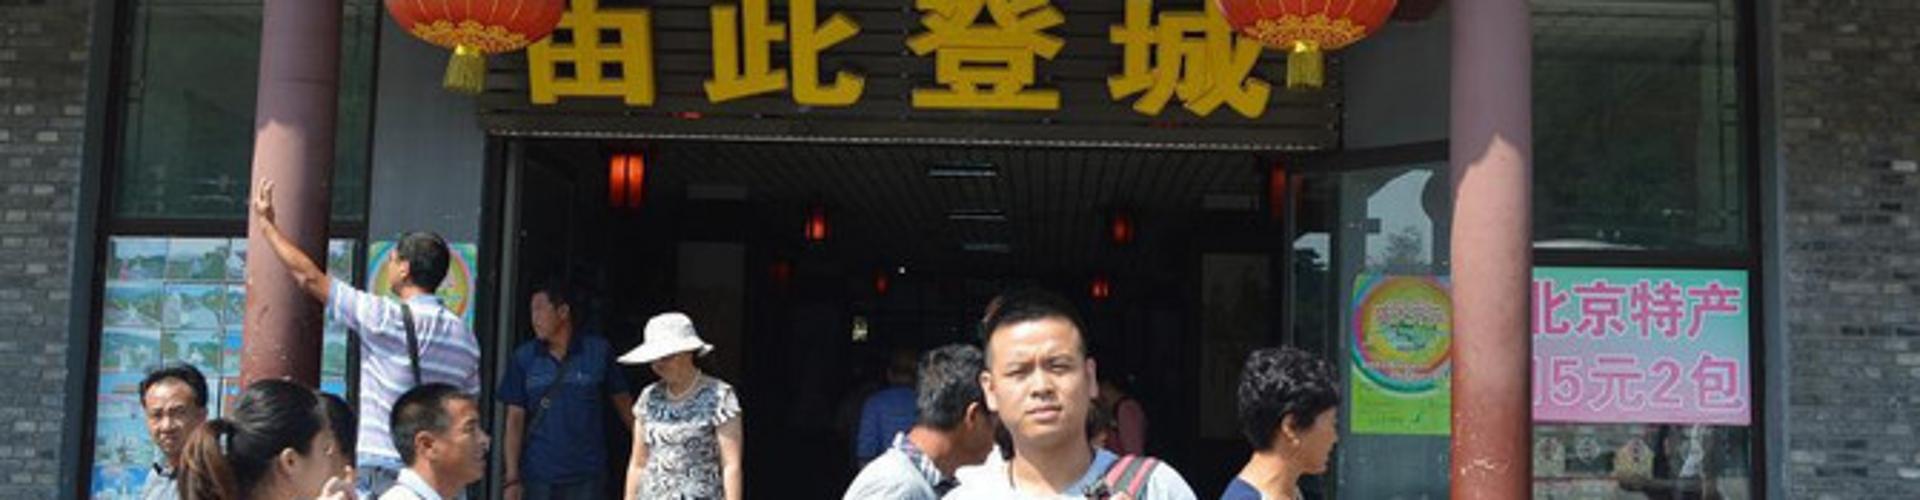 皇城#故宫+八达岭长城一日游